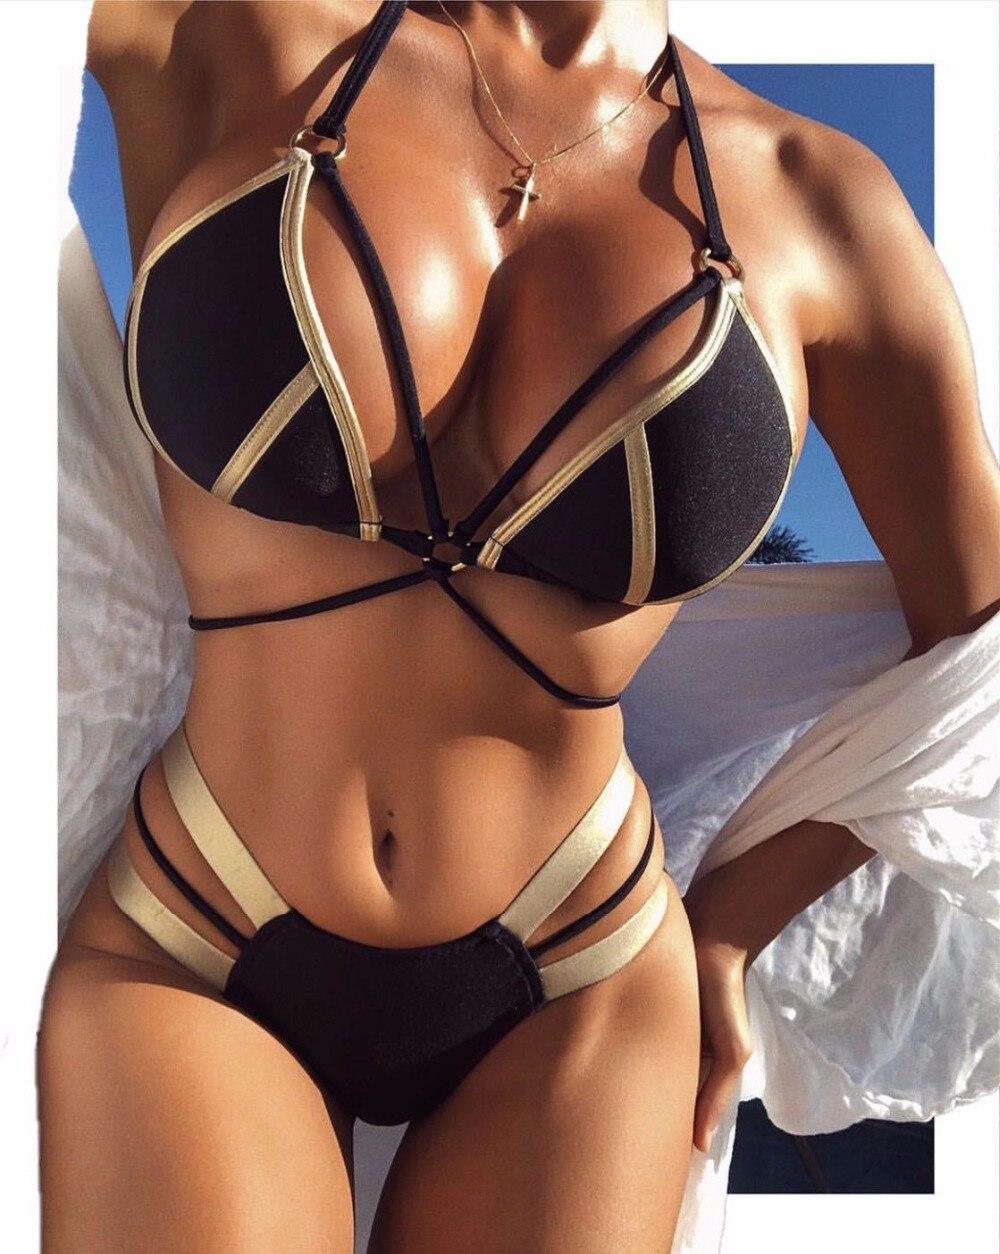 2018 hohe Qualität Sex Bikinis Frauen Niedrige Taille Brasilianischen Padded Bikinis Eingestellt Bademode Frauen Strand Tragen Badeanzüge mangel an-up bikini